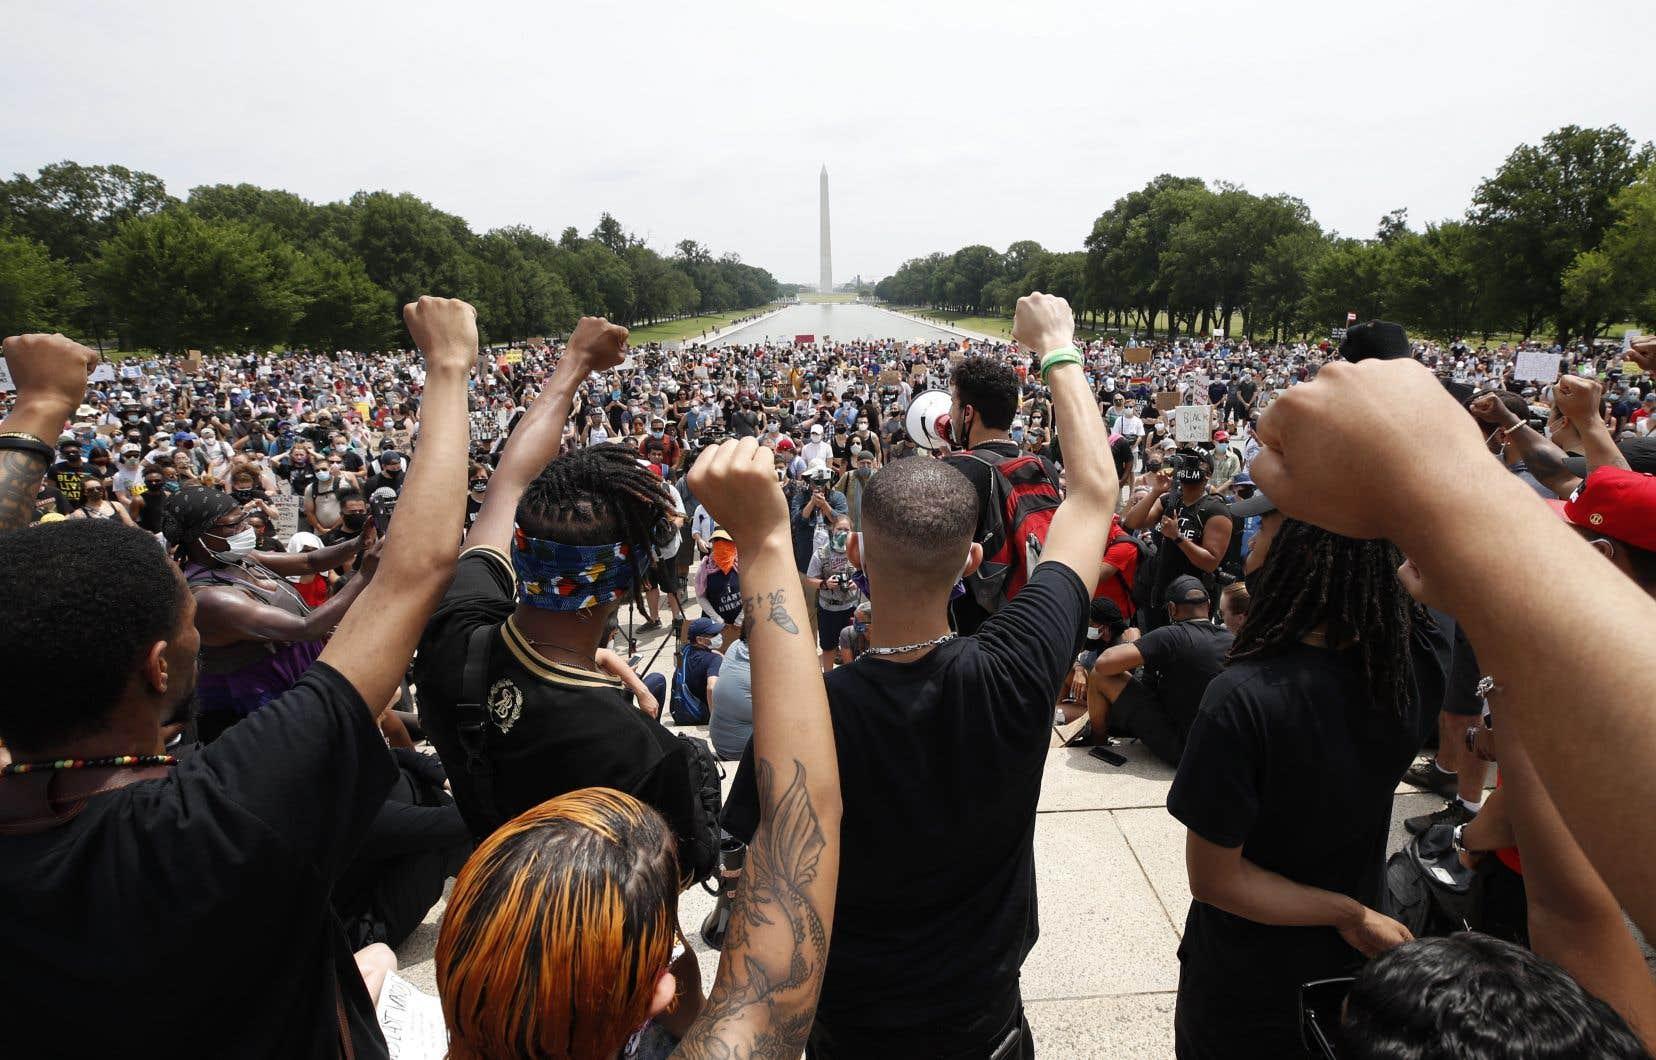 Sous un soleil de plomb, la foule se masse dans les rues menant à la Maison Blanche, mais aussi aux abords du mémorial de Lincoln en face du Washington Monument.